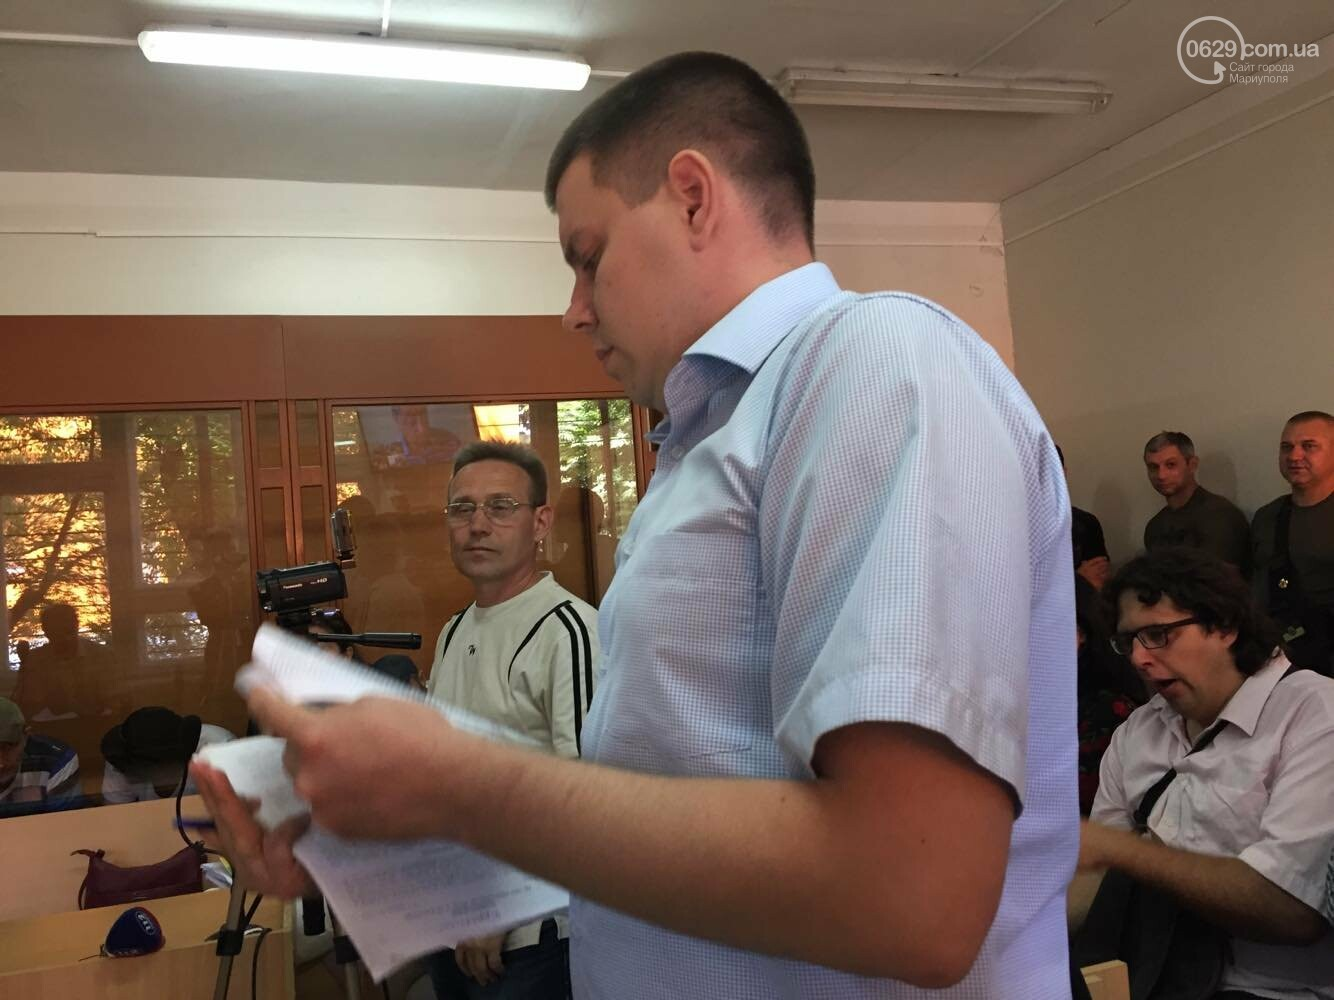 Адвокат по скайпу и без георгиевских ленточек: состоялось слушание по делу обвиняемых  в захвате Мариупольского ГУ милиции, - ФОТО, ВИДЕО, фото-3